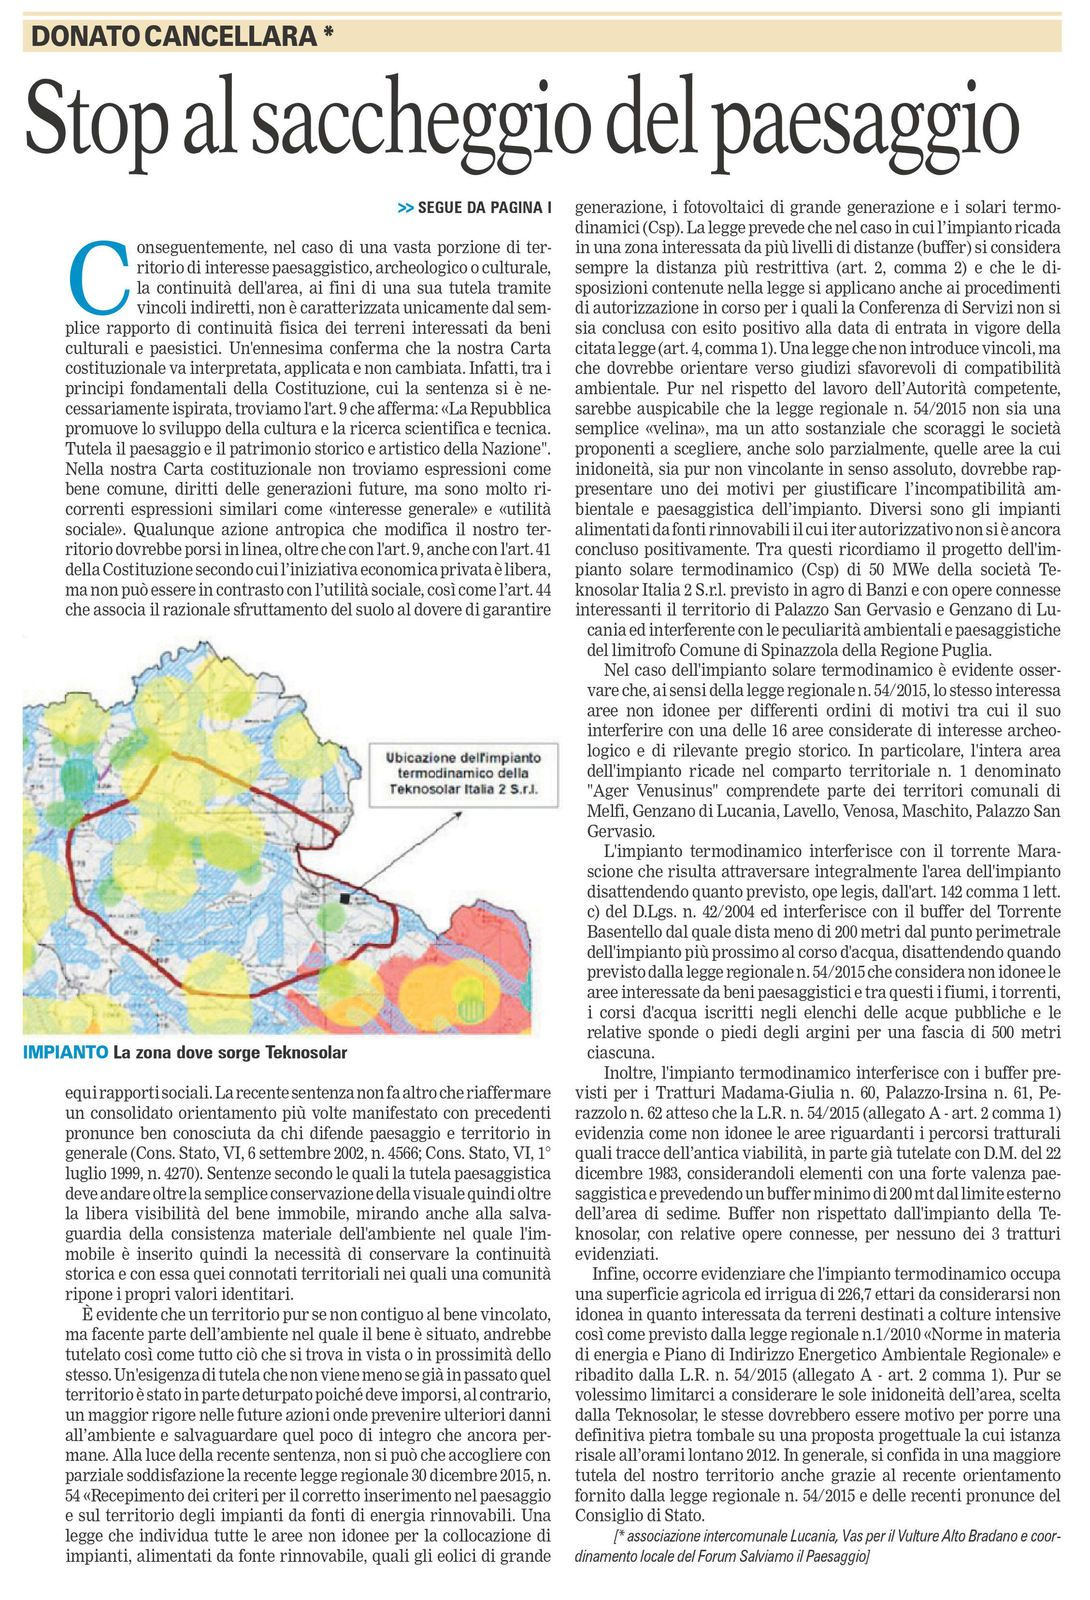 La Gazzetta del Mezzogiorno - ed. 5 marzo 2016